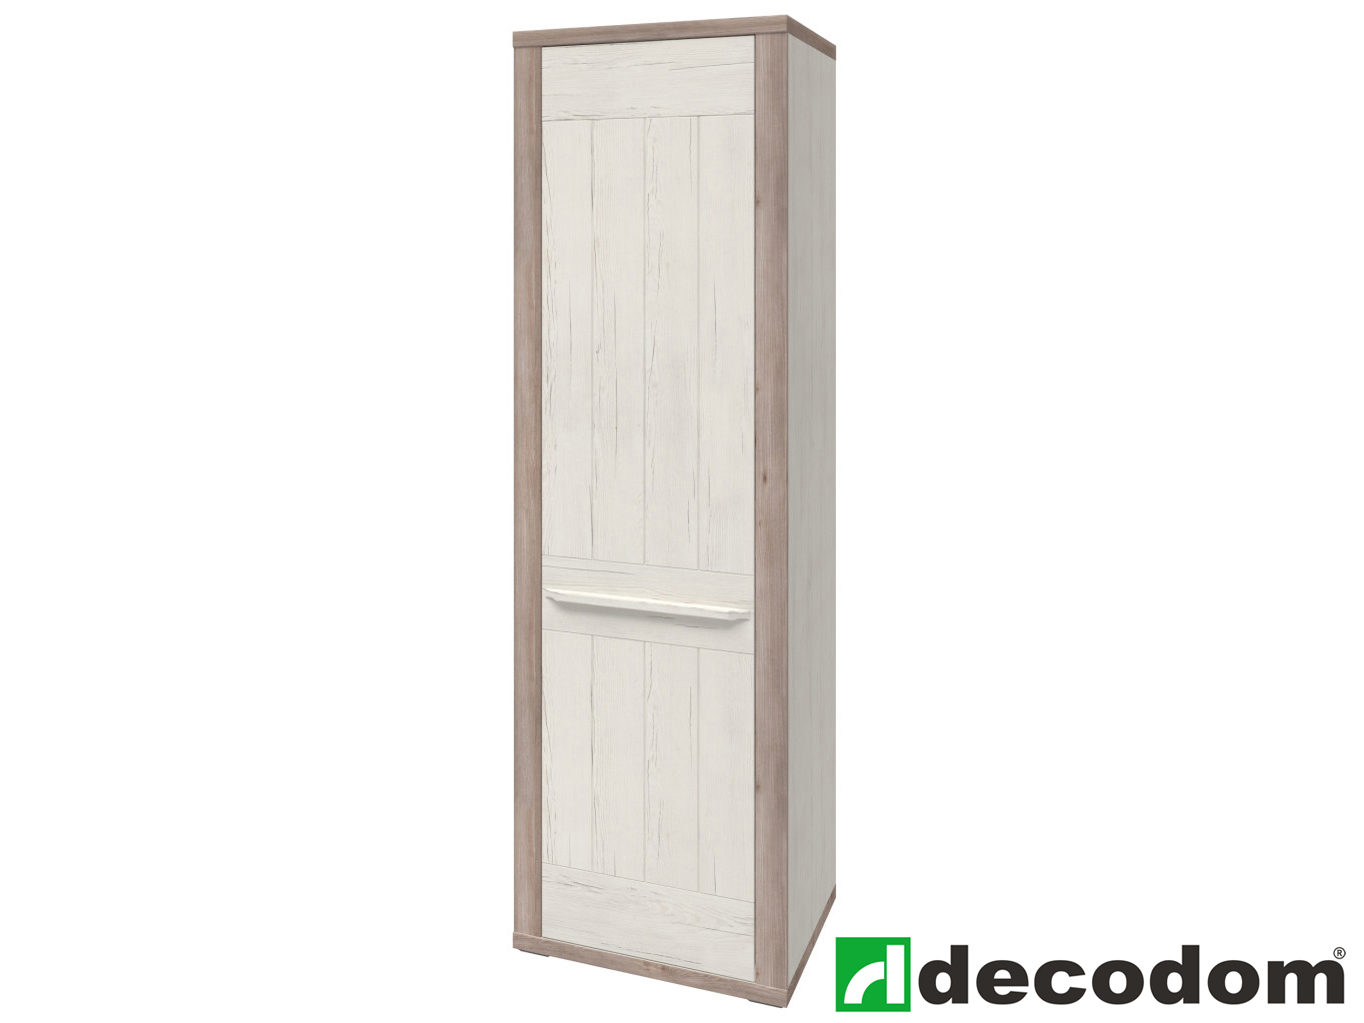 Šatní skříň - Decodom - Sapa - Typ 91